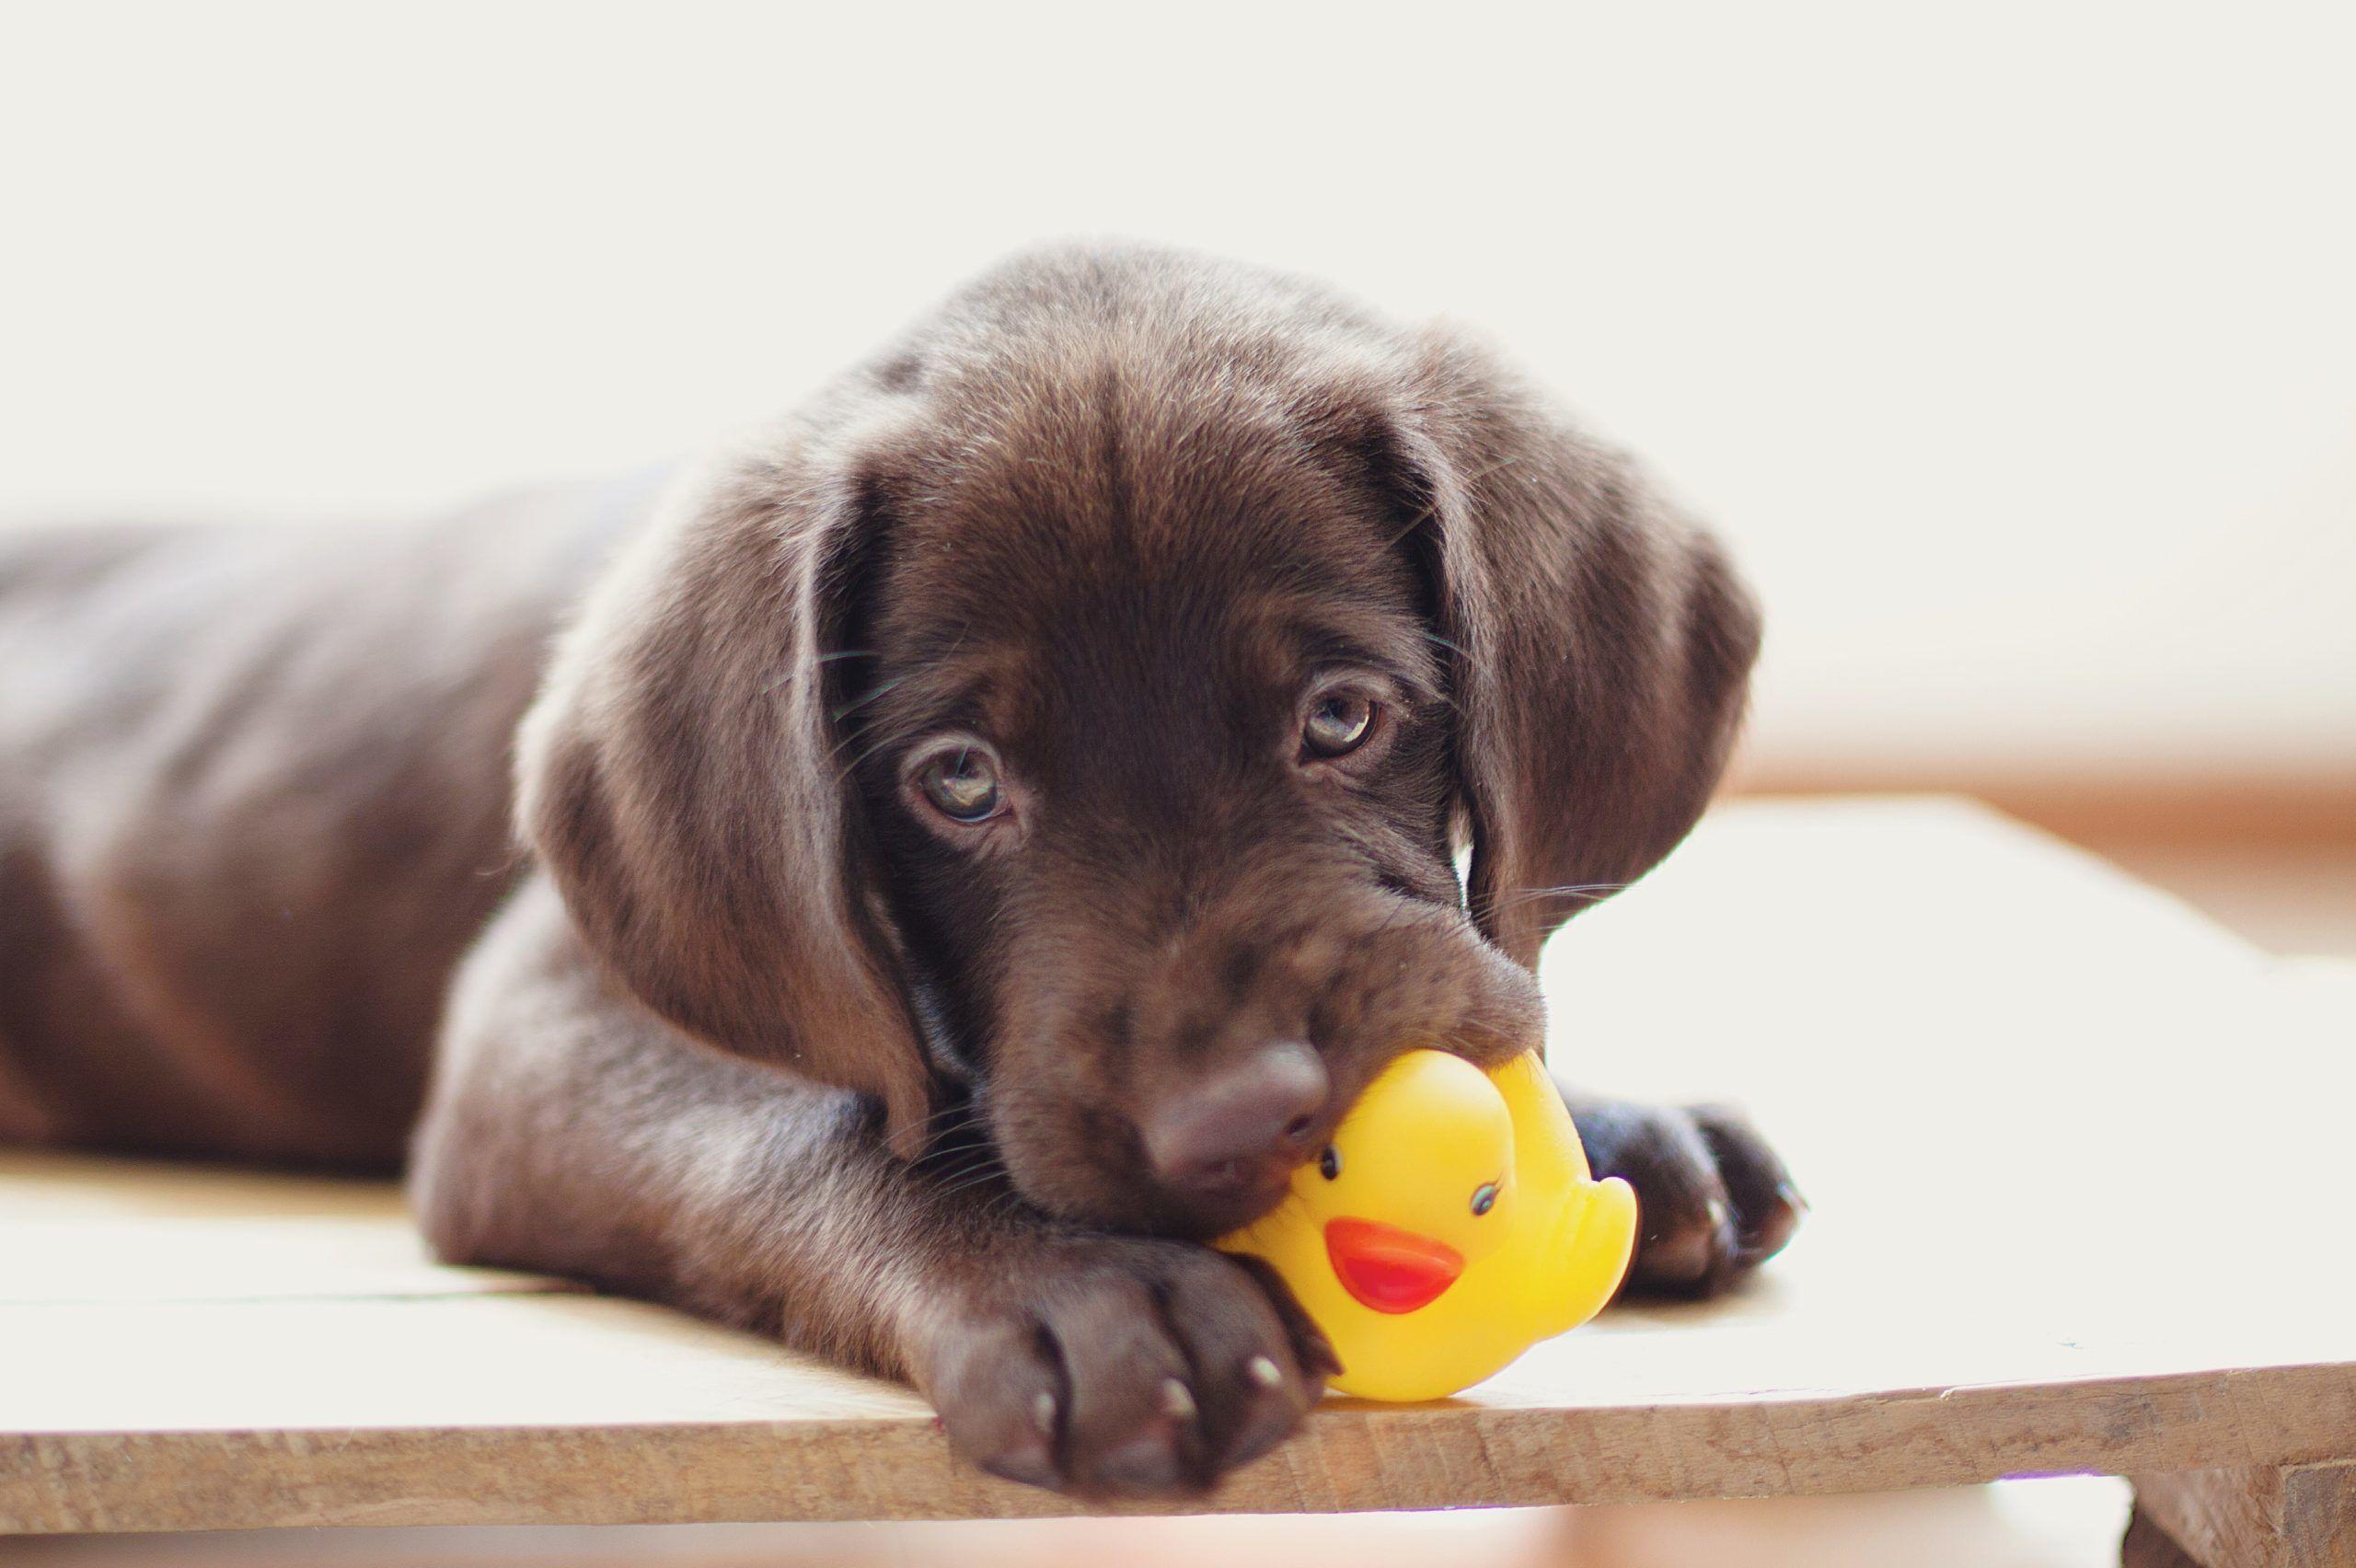 Megesett a boltos szíve a cuki kutyuson, amelyiknek elszakadt a kedvenc játéka